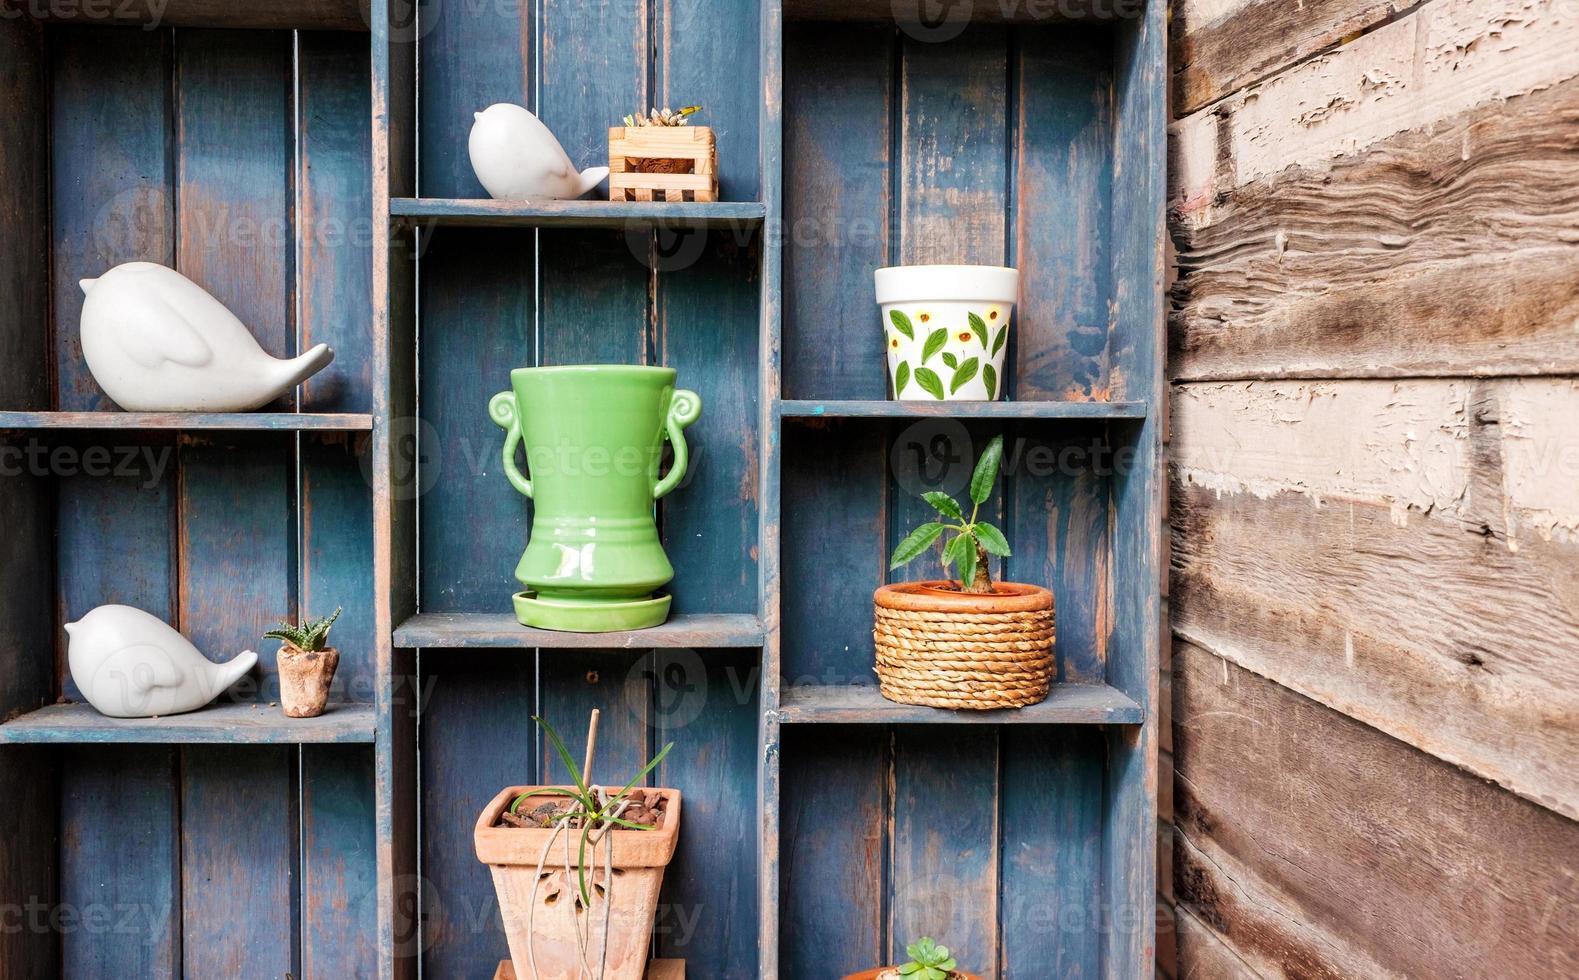 étagères en bois de céramique et fond. photo